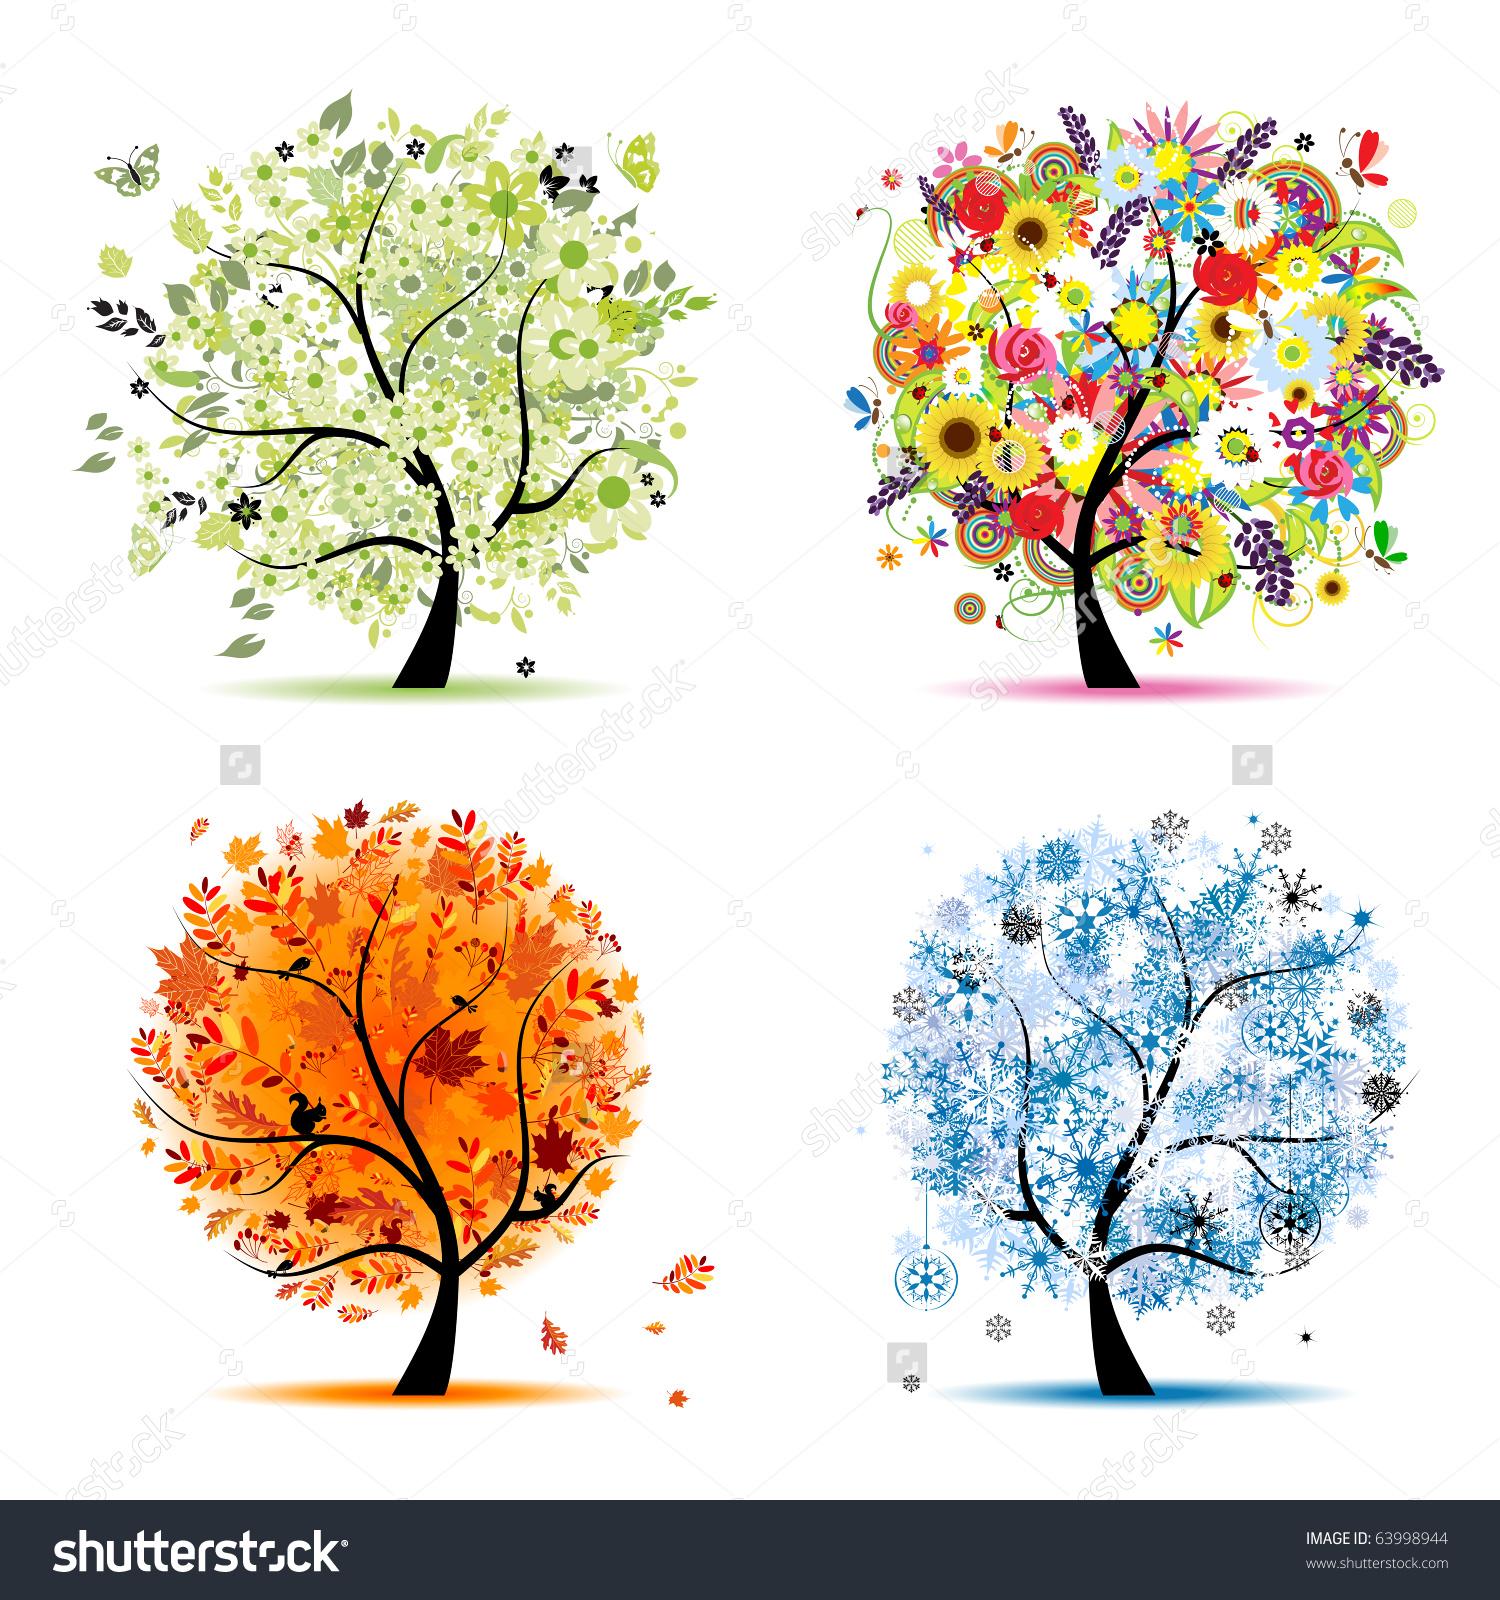 Season clipart autumn winter #9